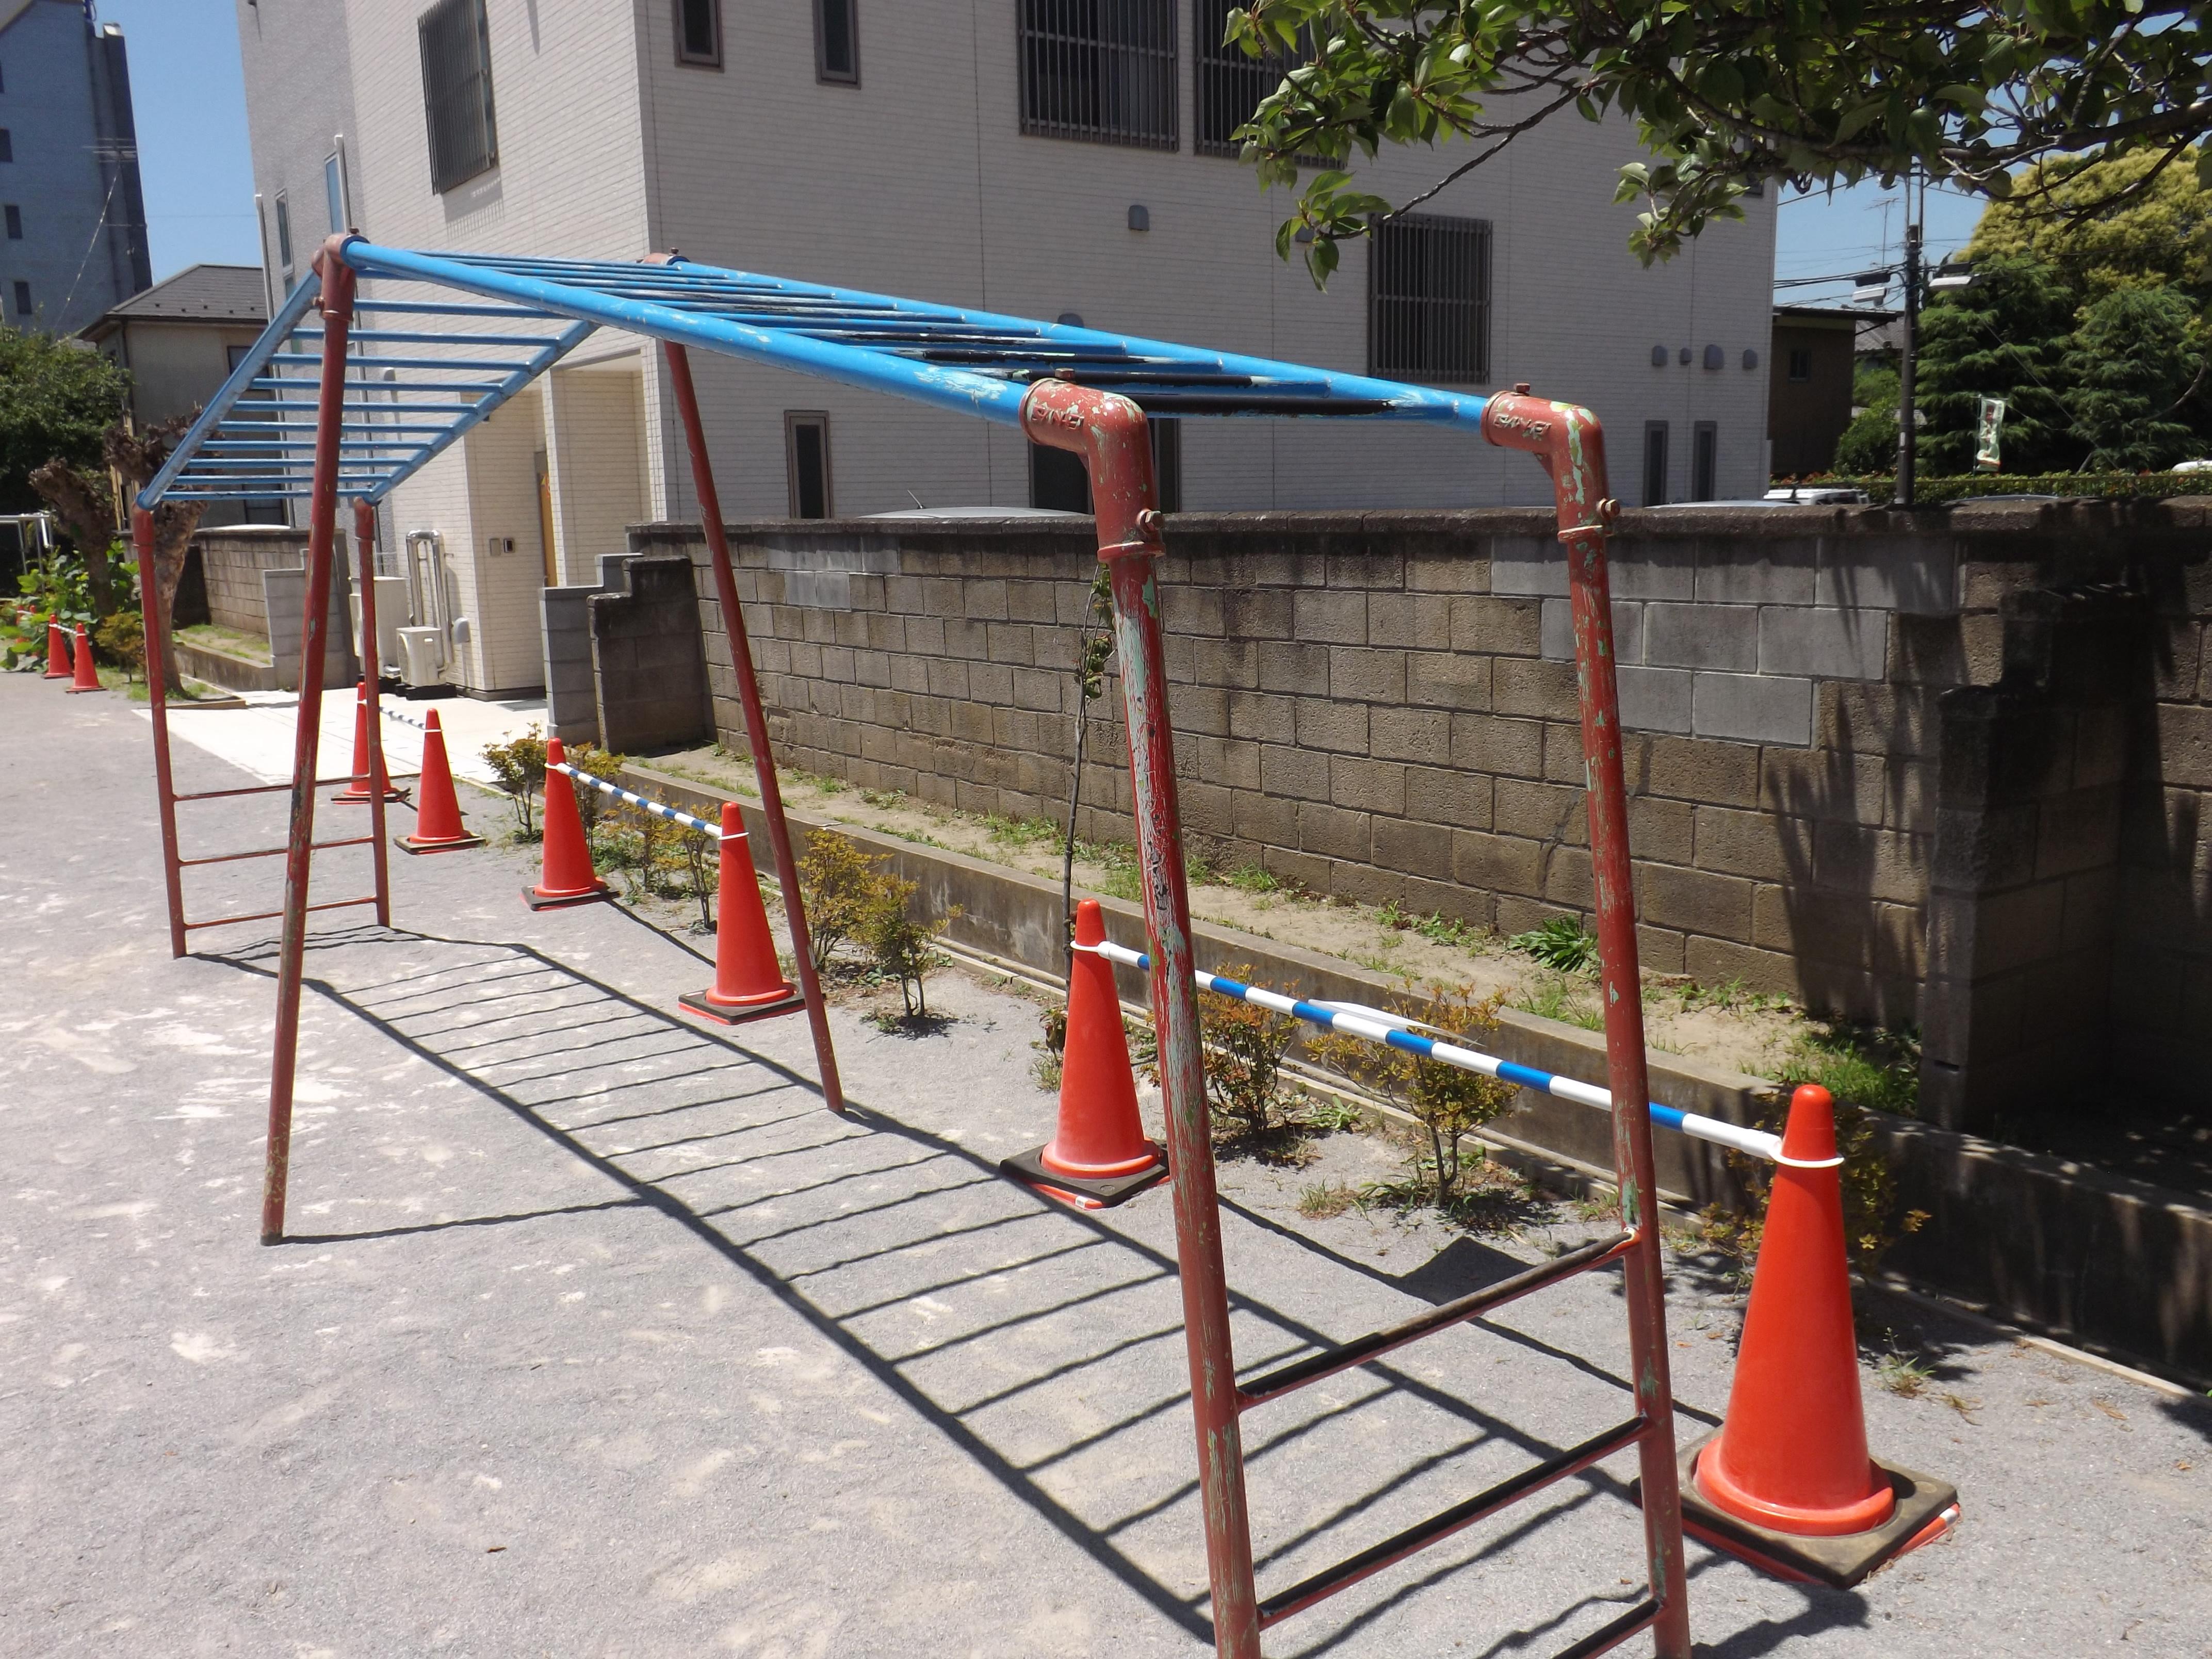 校庭内の遊具や学童保育近くのブロック塀も